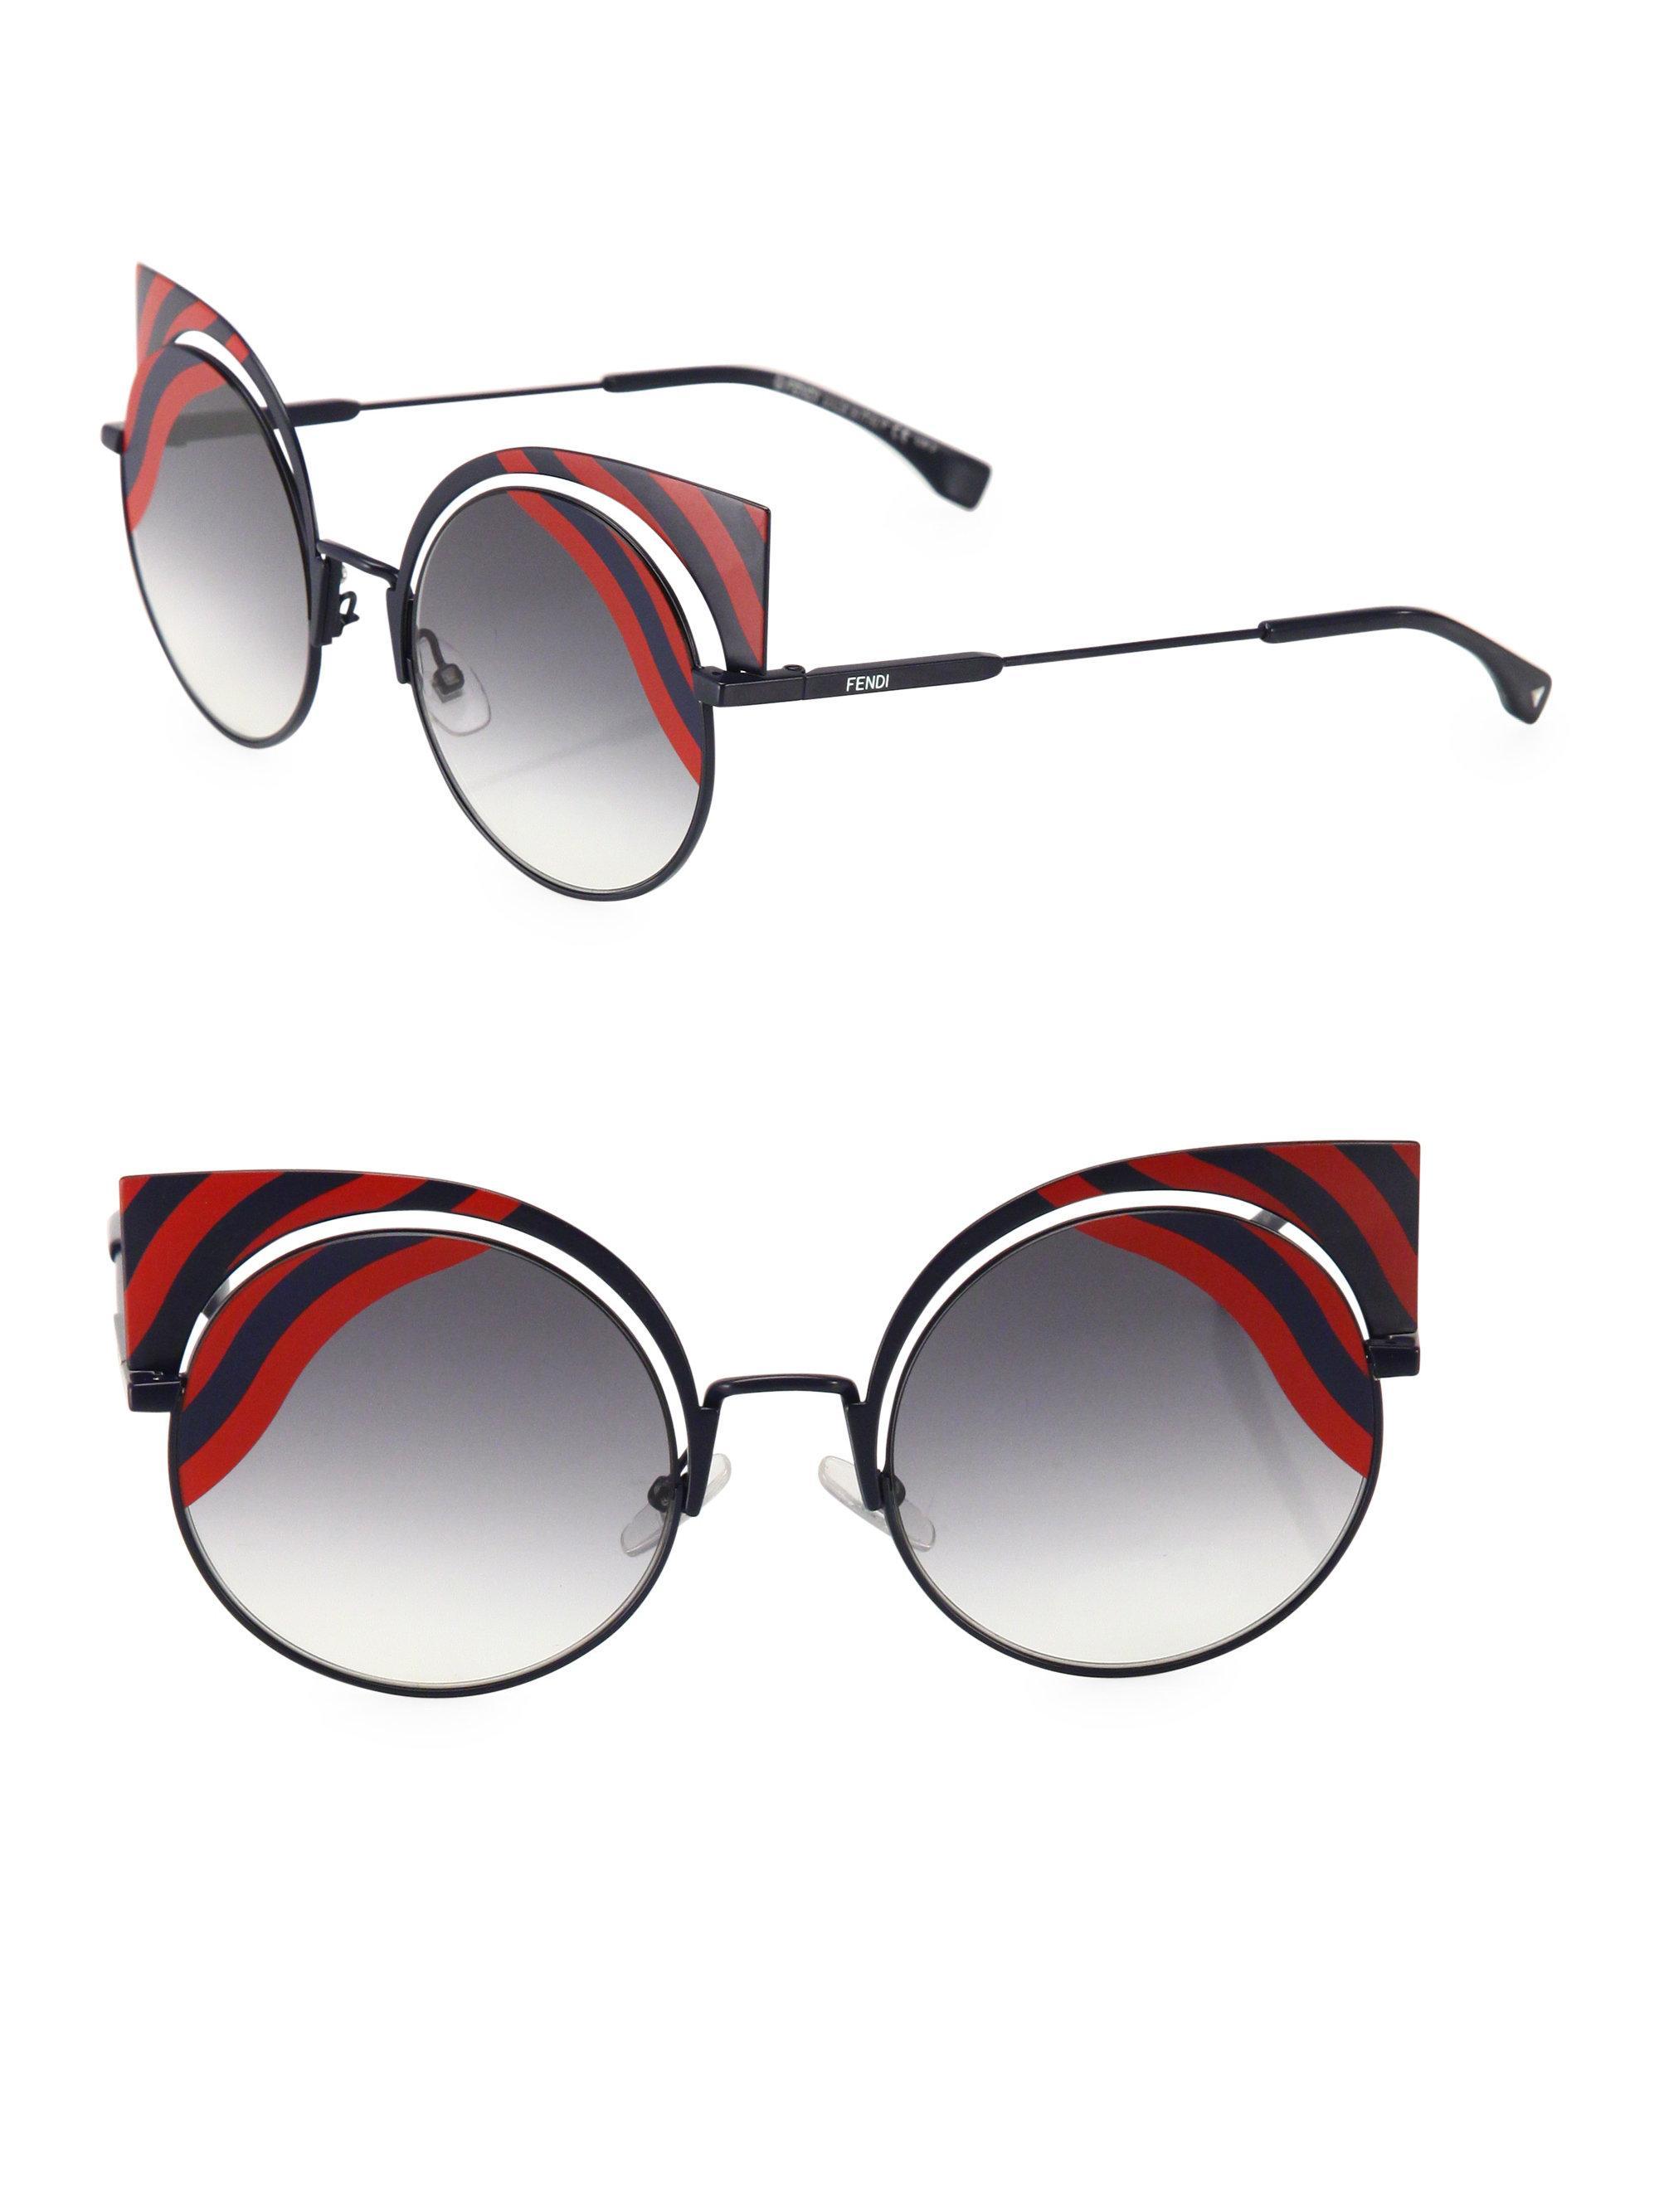 06741b9f54e Lyst - Fendi 42mm Rounded Cat Eye Sunglasses